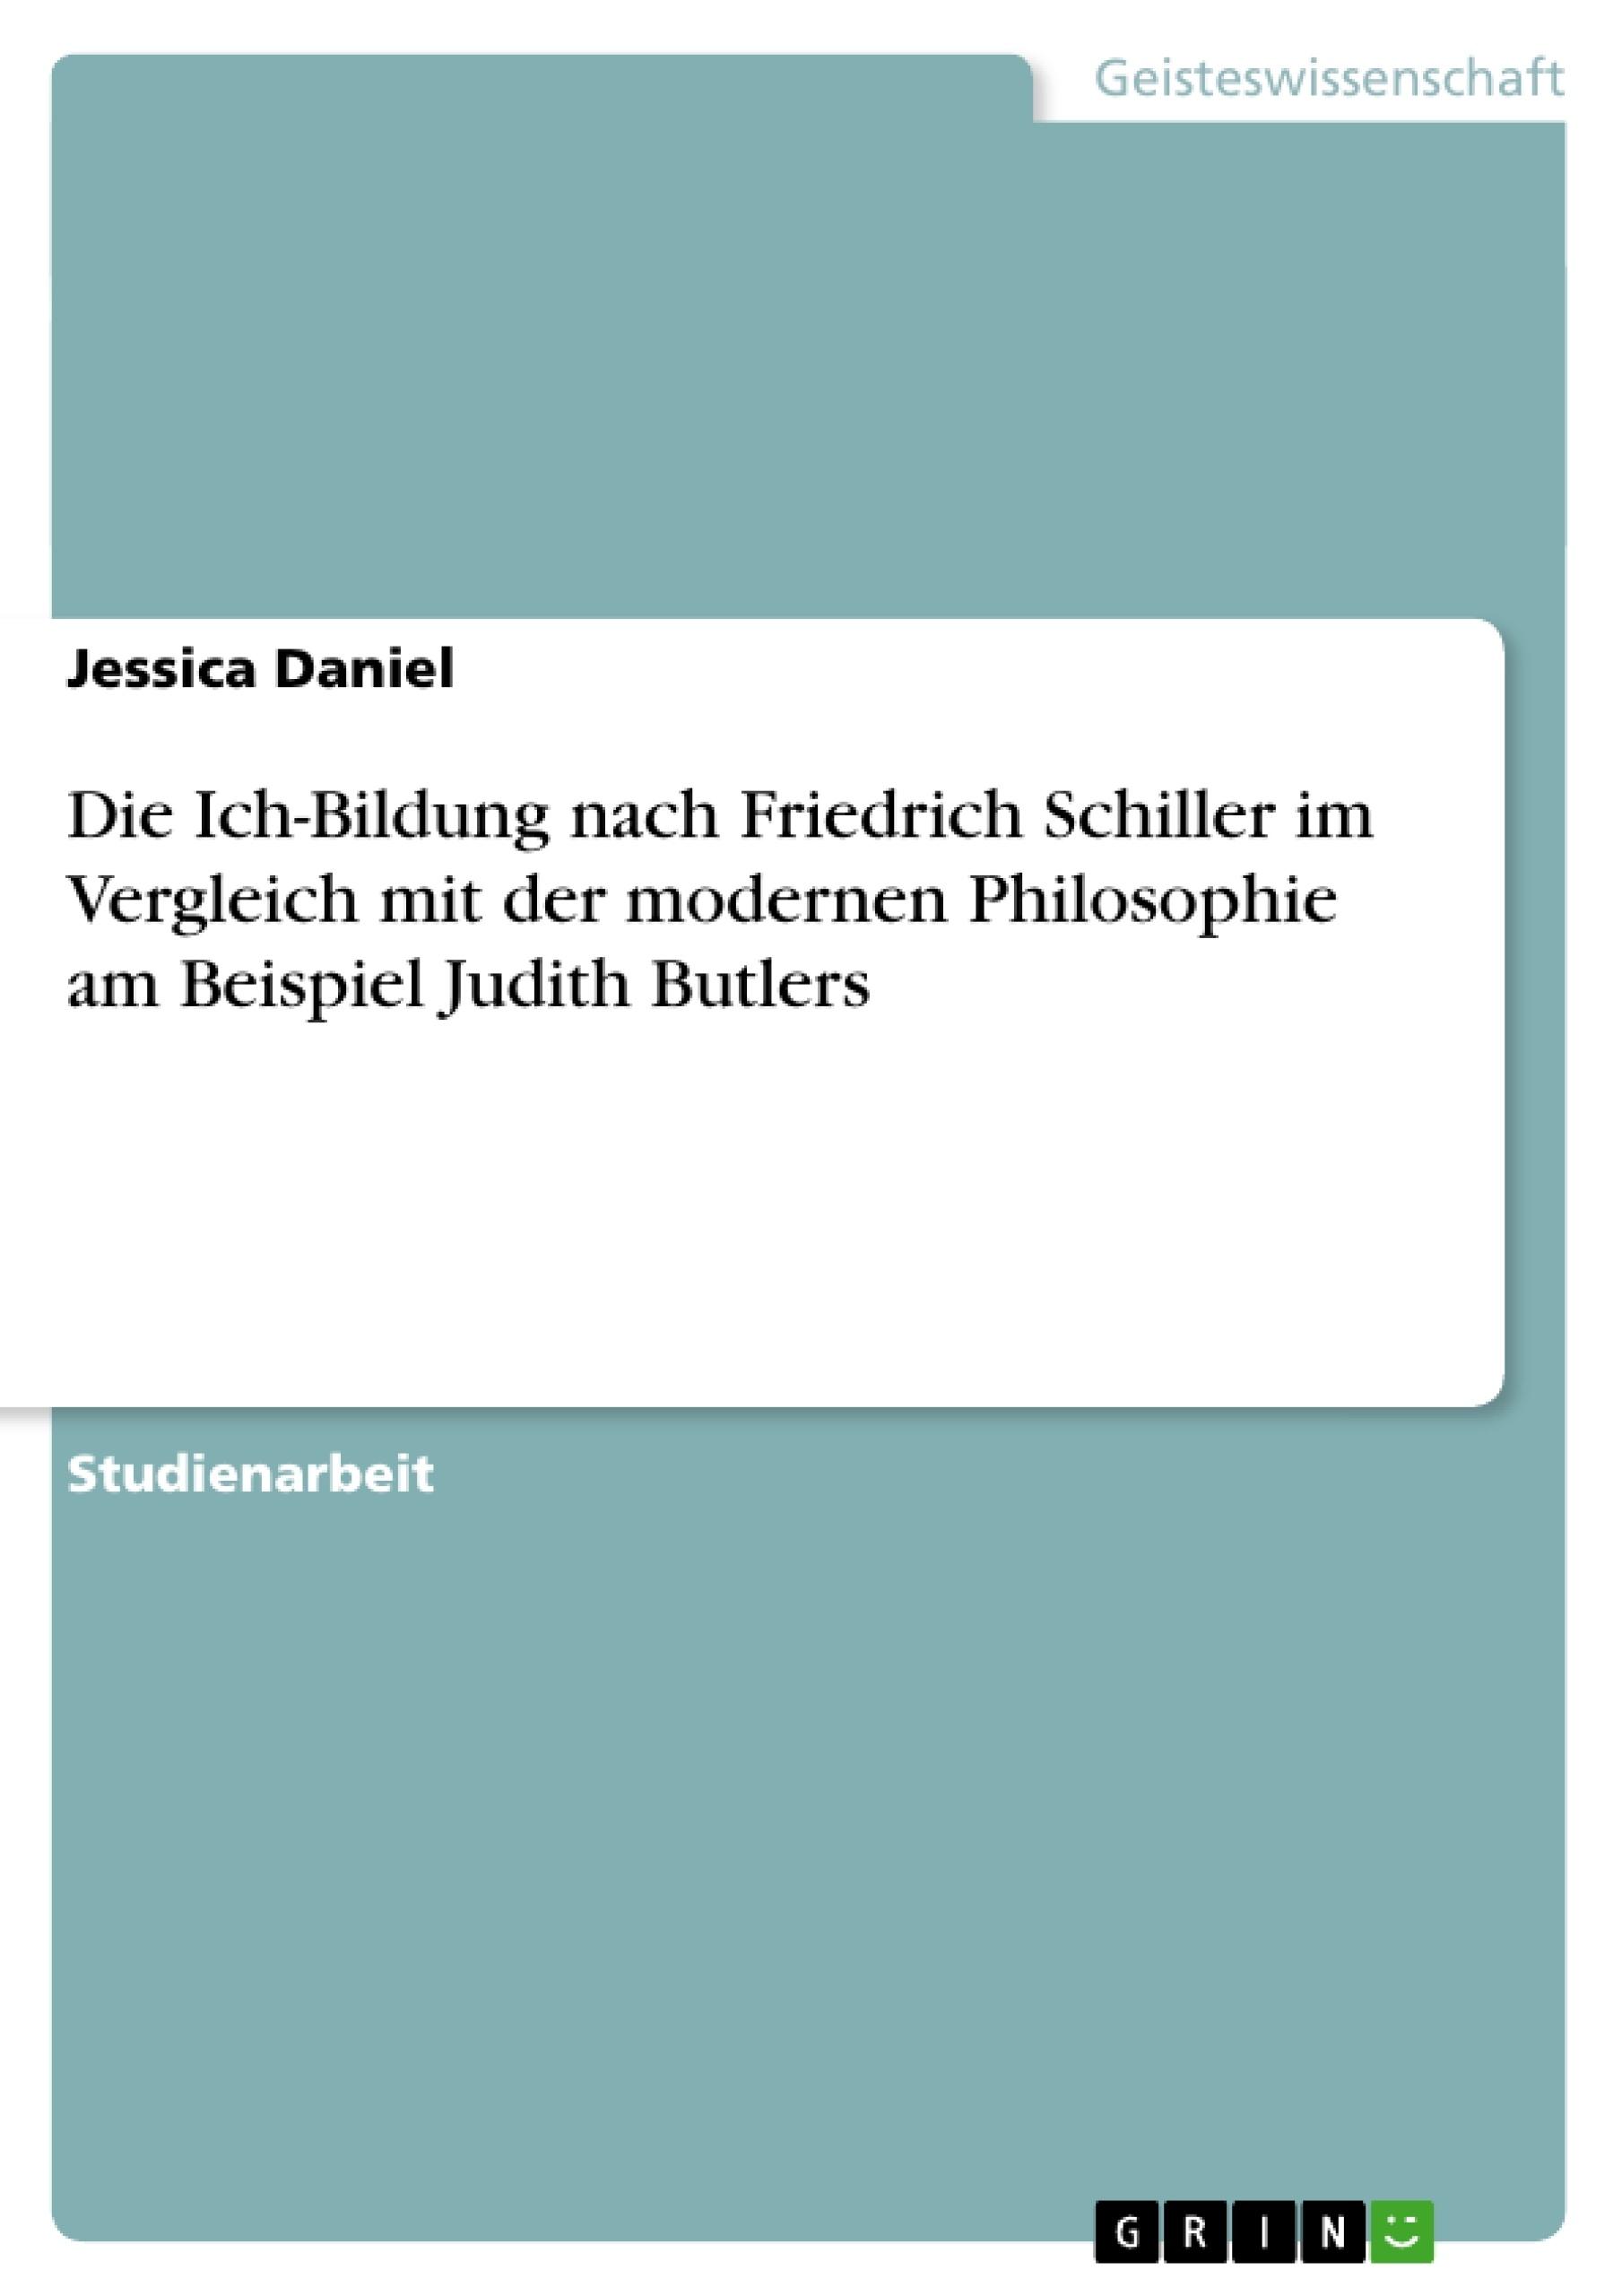 Titel: Die Ich-Bildung nach Friedrich Schiller im Vergleich mit der modernen Philosophie am Beispiel Judith Butlers